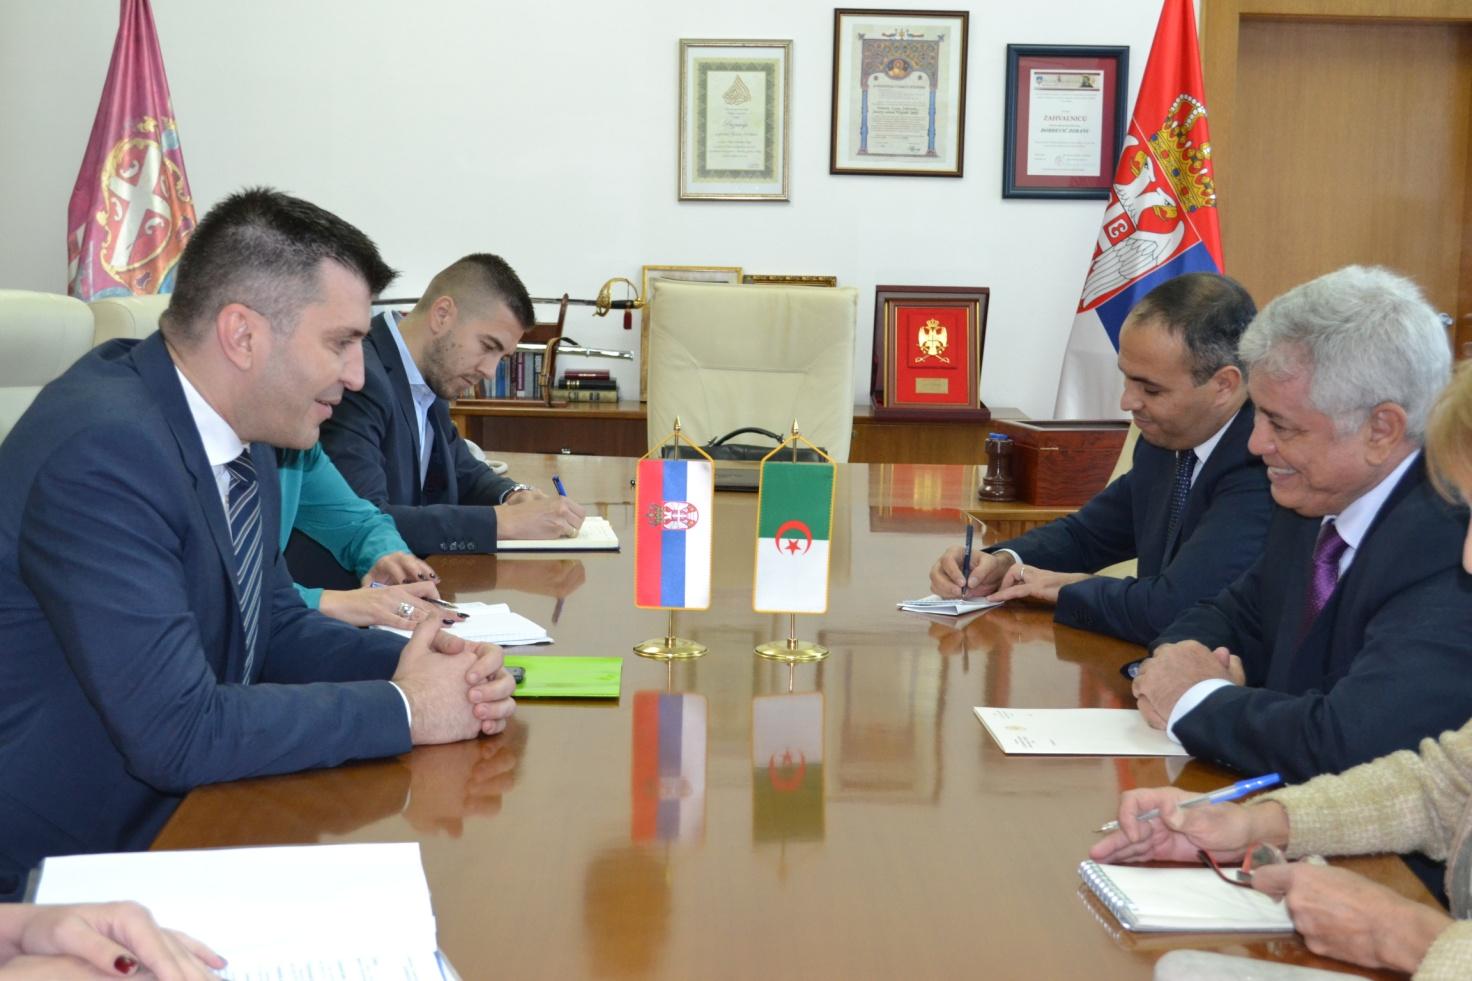 L'Ambassadeur d'Algérie s'entretient avec M. Zoran Djordjevic